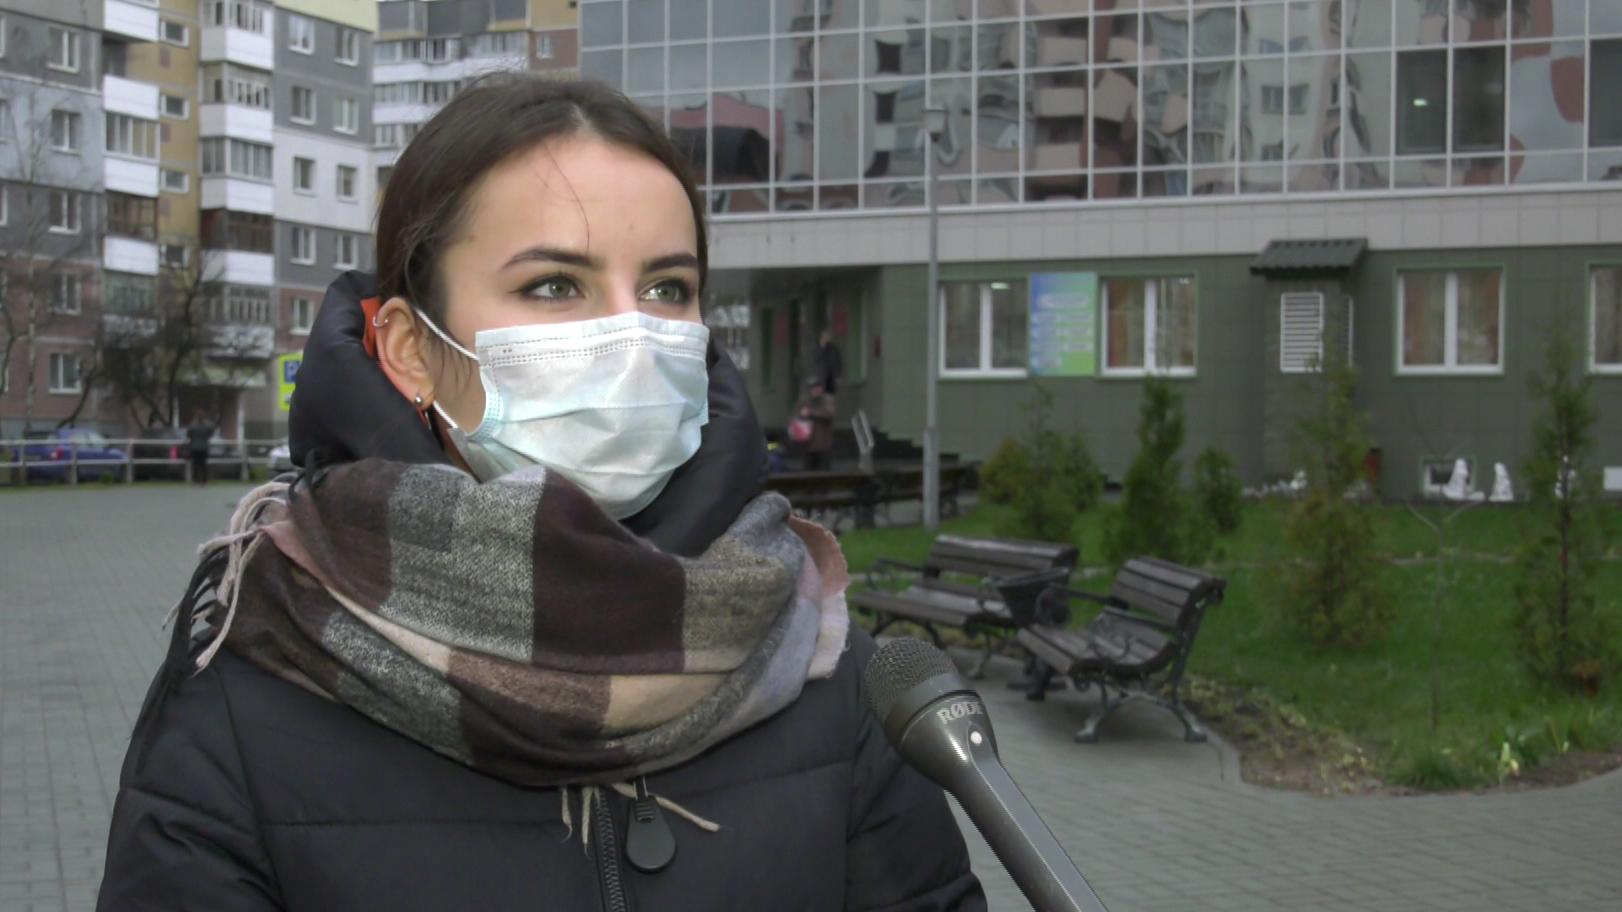 mediki - Электронную базу данных пациентов с COVID-19 создали в Витебской области (видео)